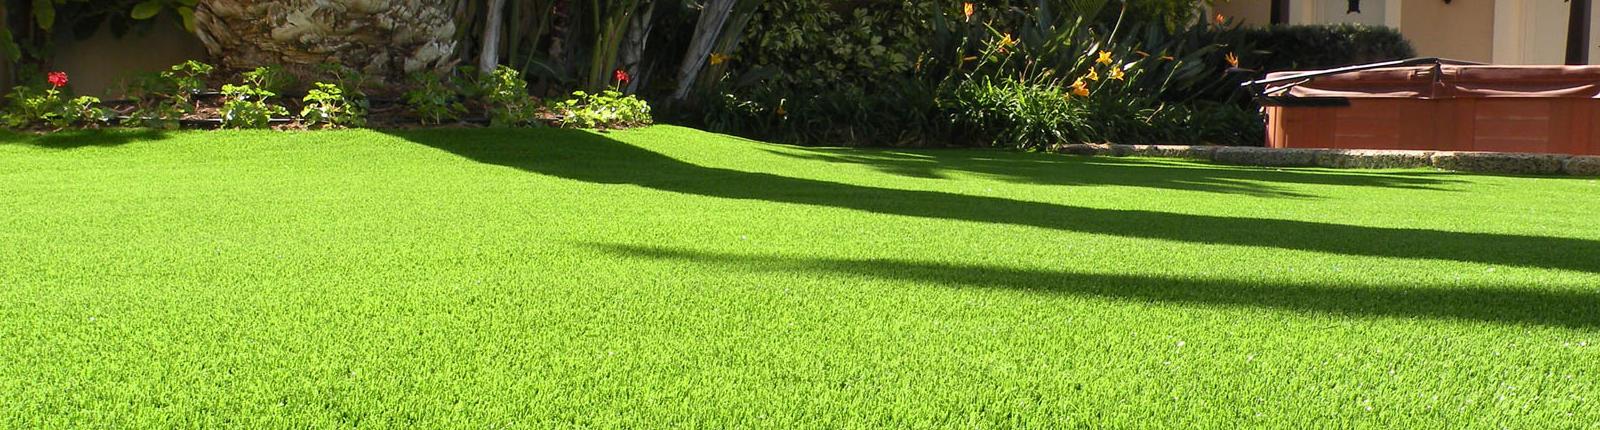 Mantenimiento y creación de jardines, 20 años de experiencia